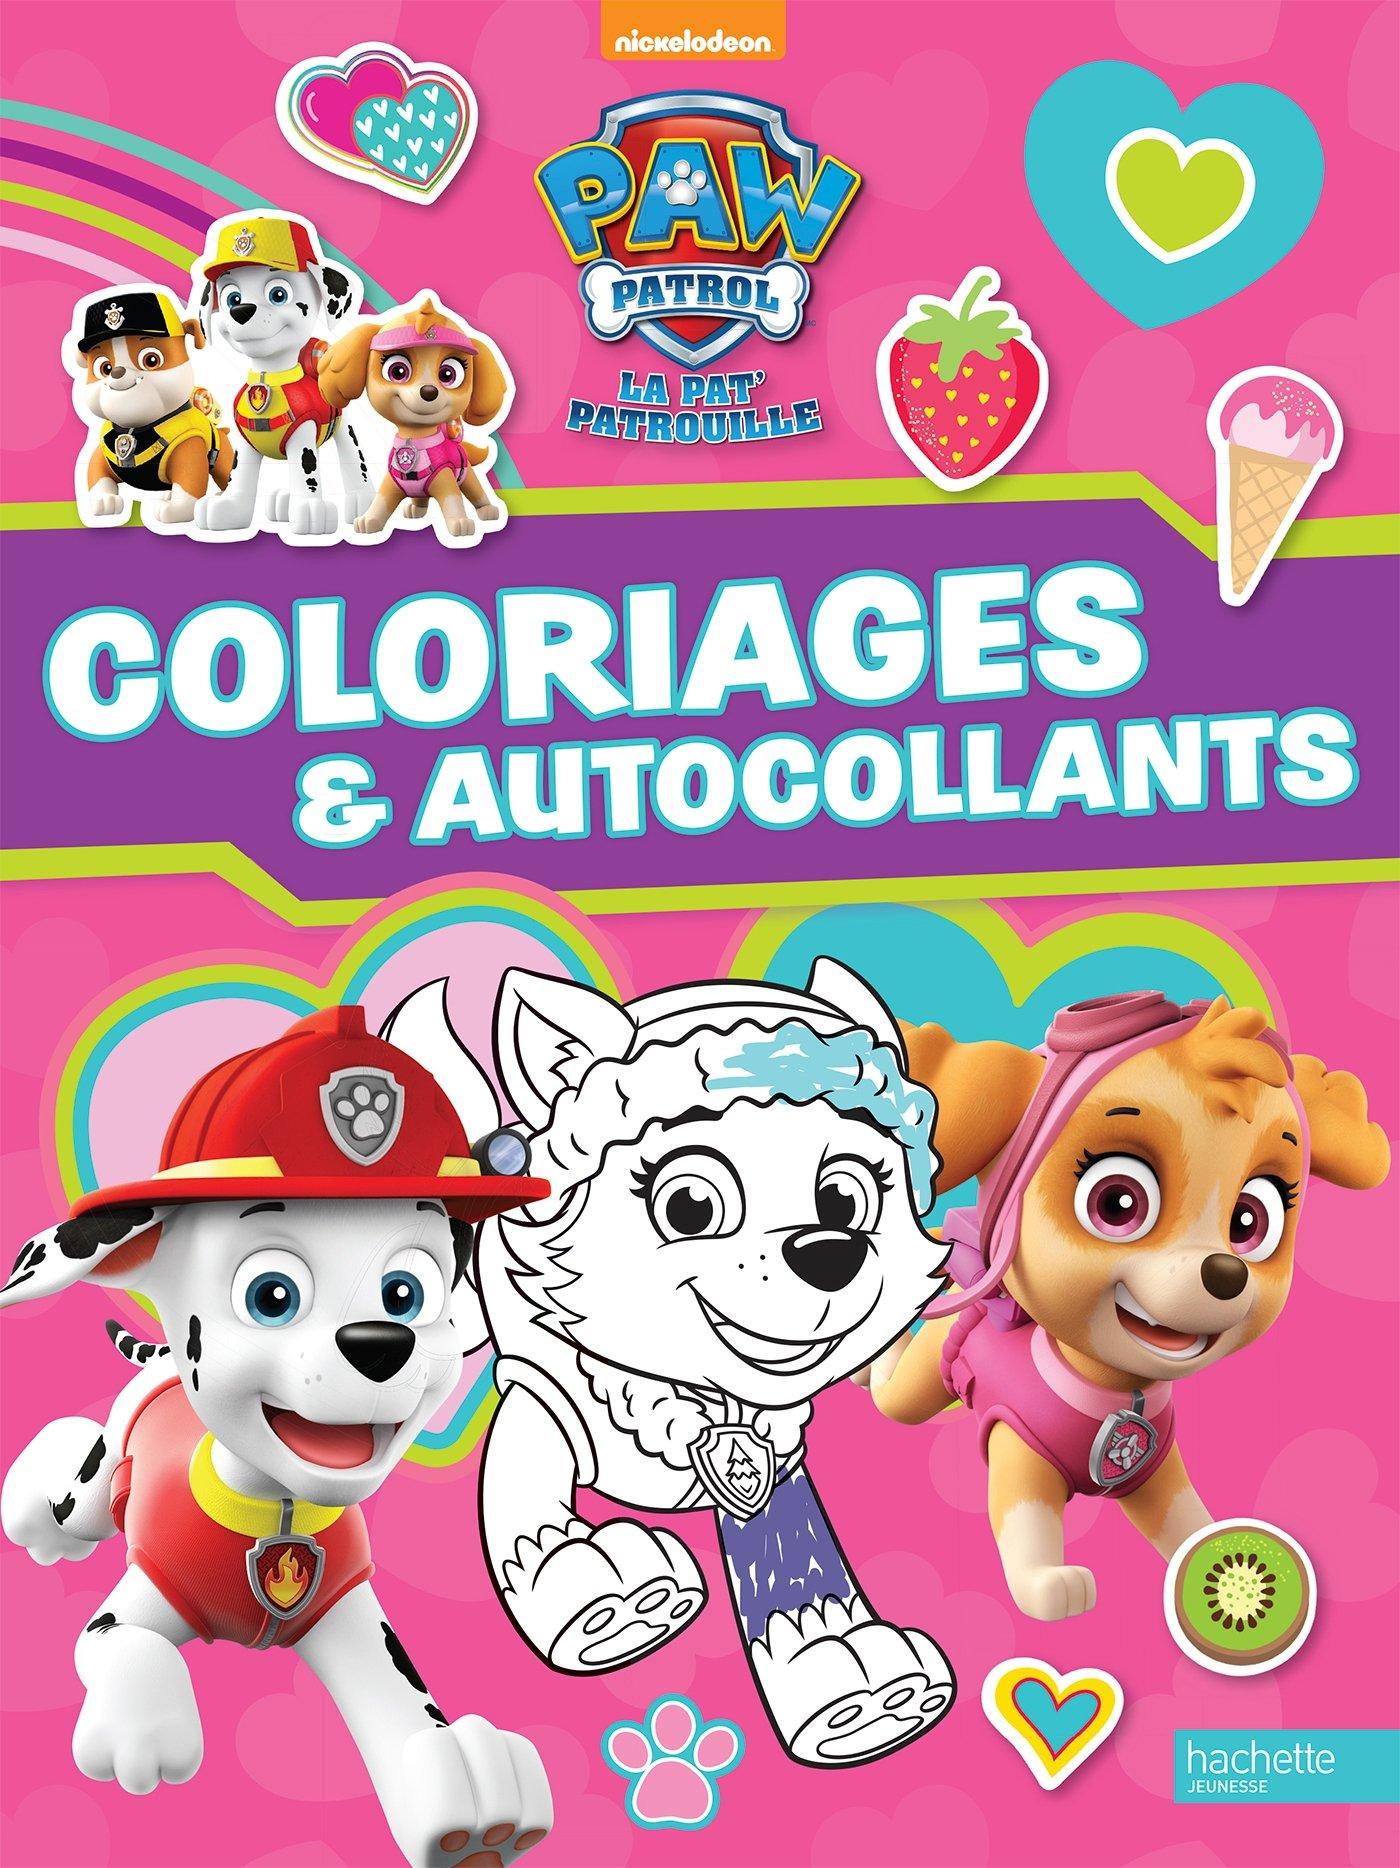 Paw Patrol La Pat Patrouille Coloriages Et Autocollants Special